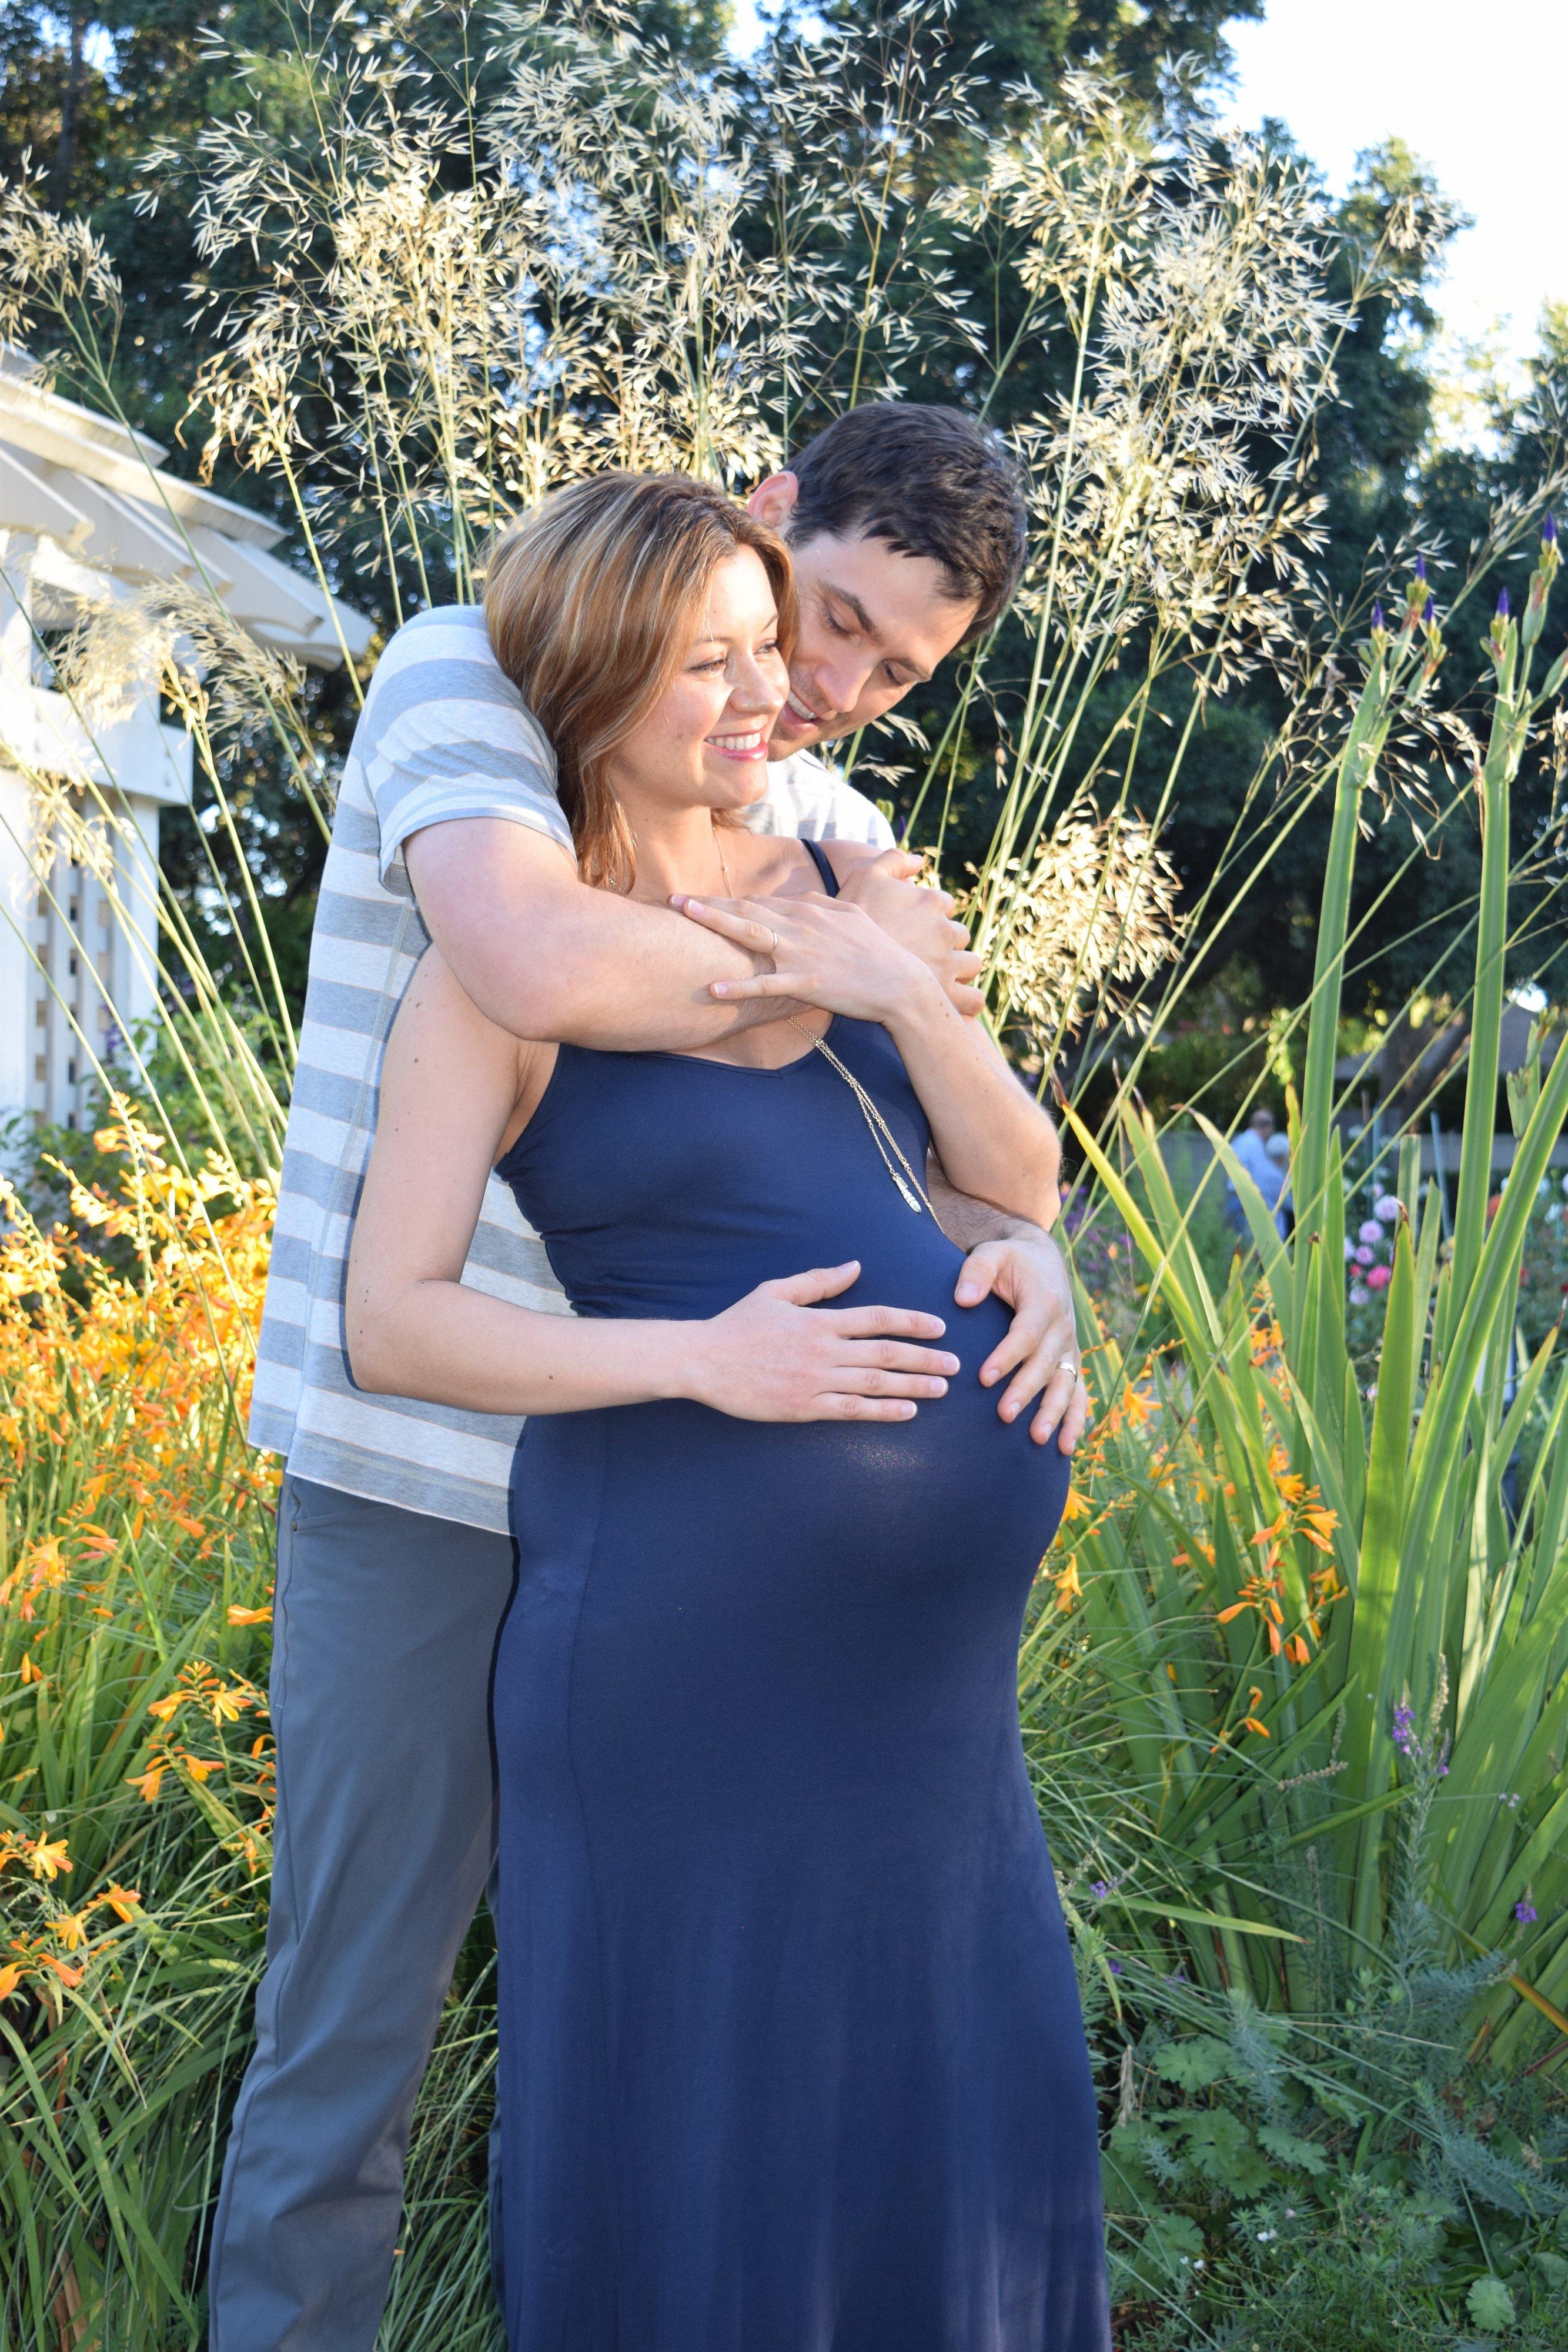 Adel William Prenatal Photos-Adel William Prenatal Photos-0009